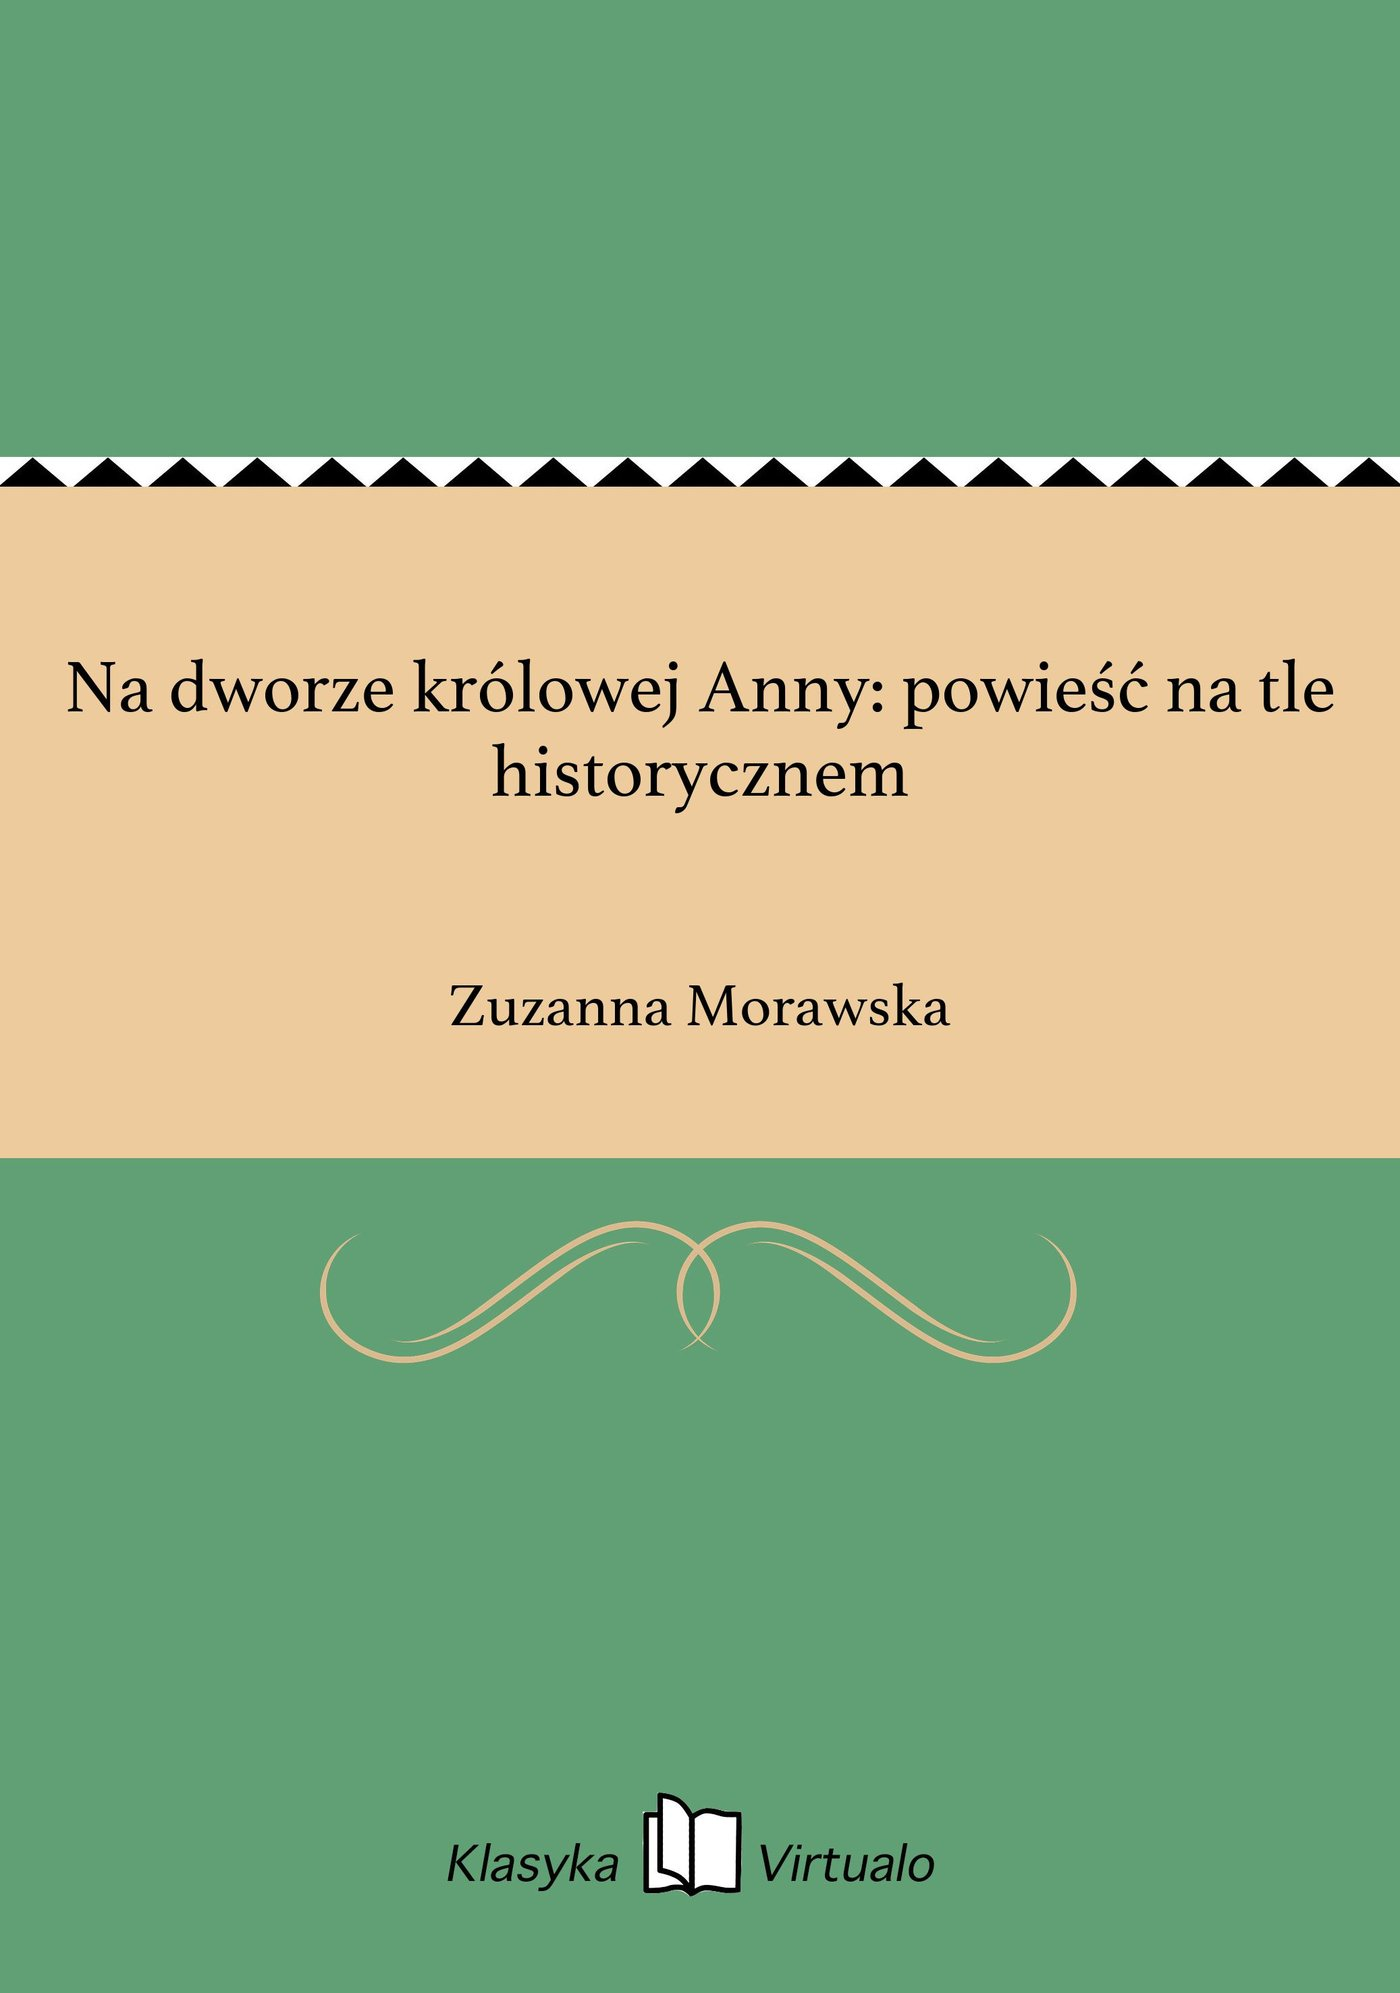 Na dworze królowej Anny: powieść na tle historycznem - Ebook (Książka EPUB) do pobrania w formacie EPUB